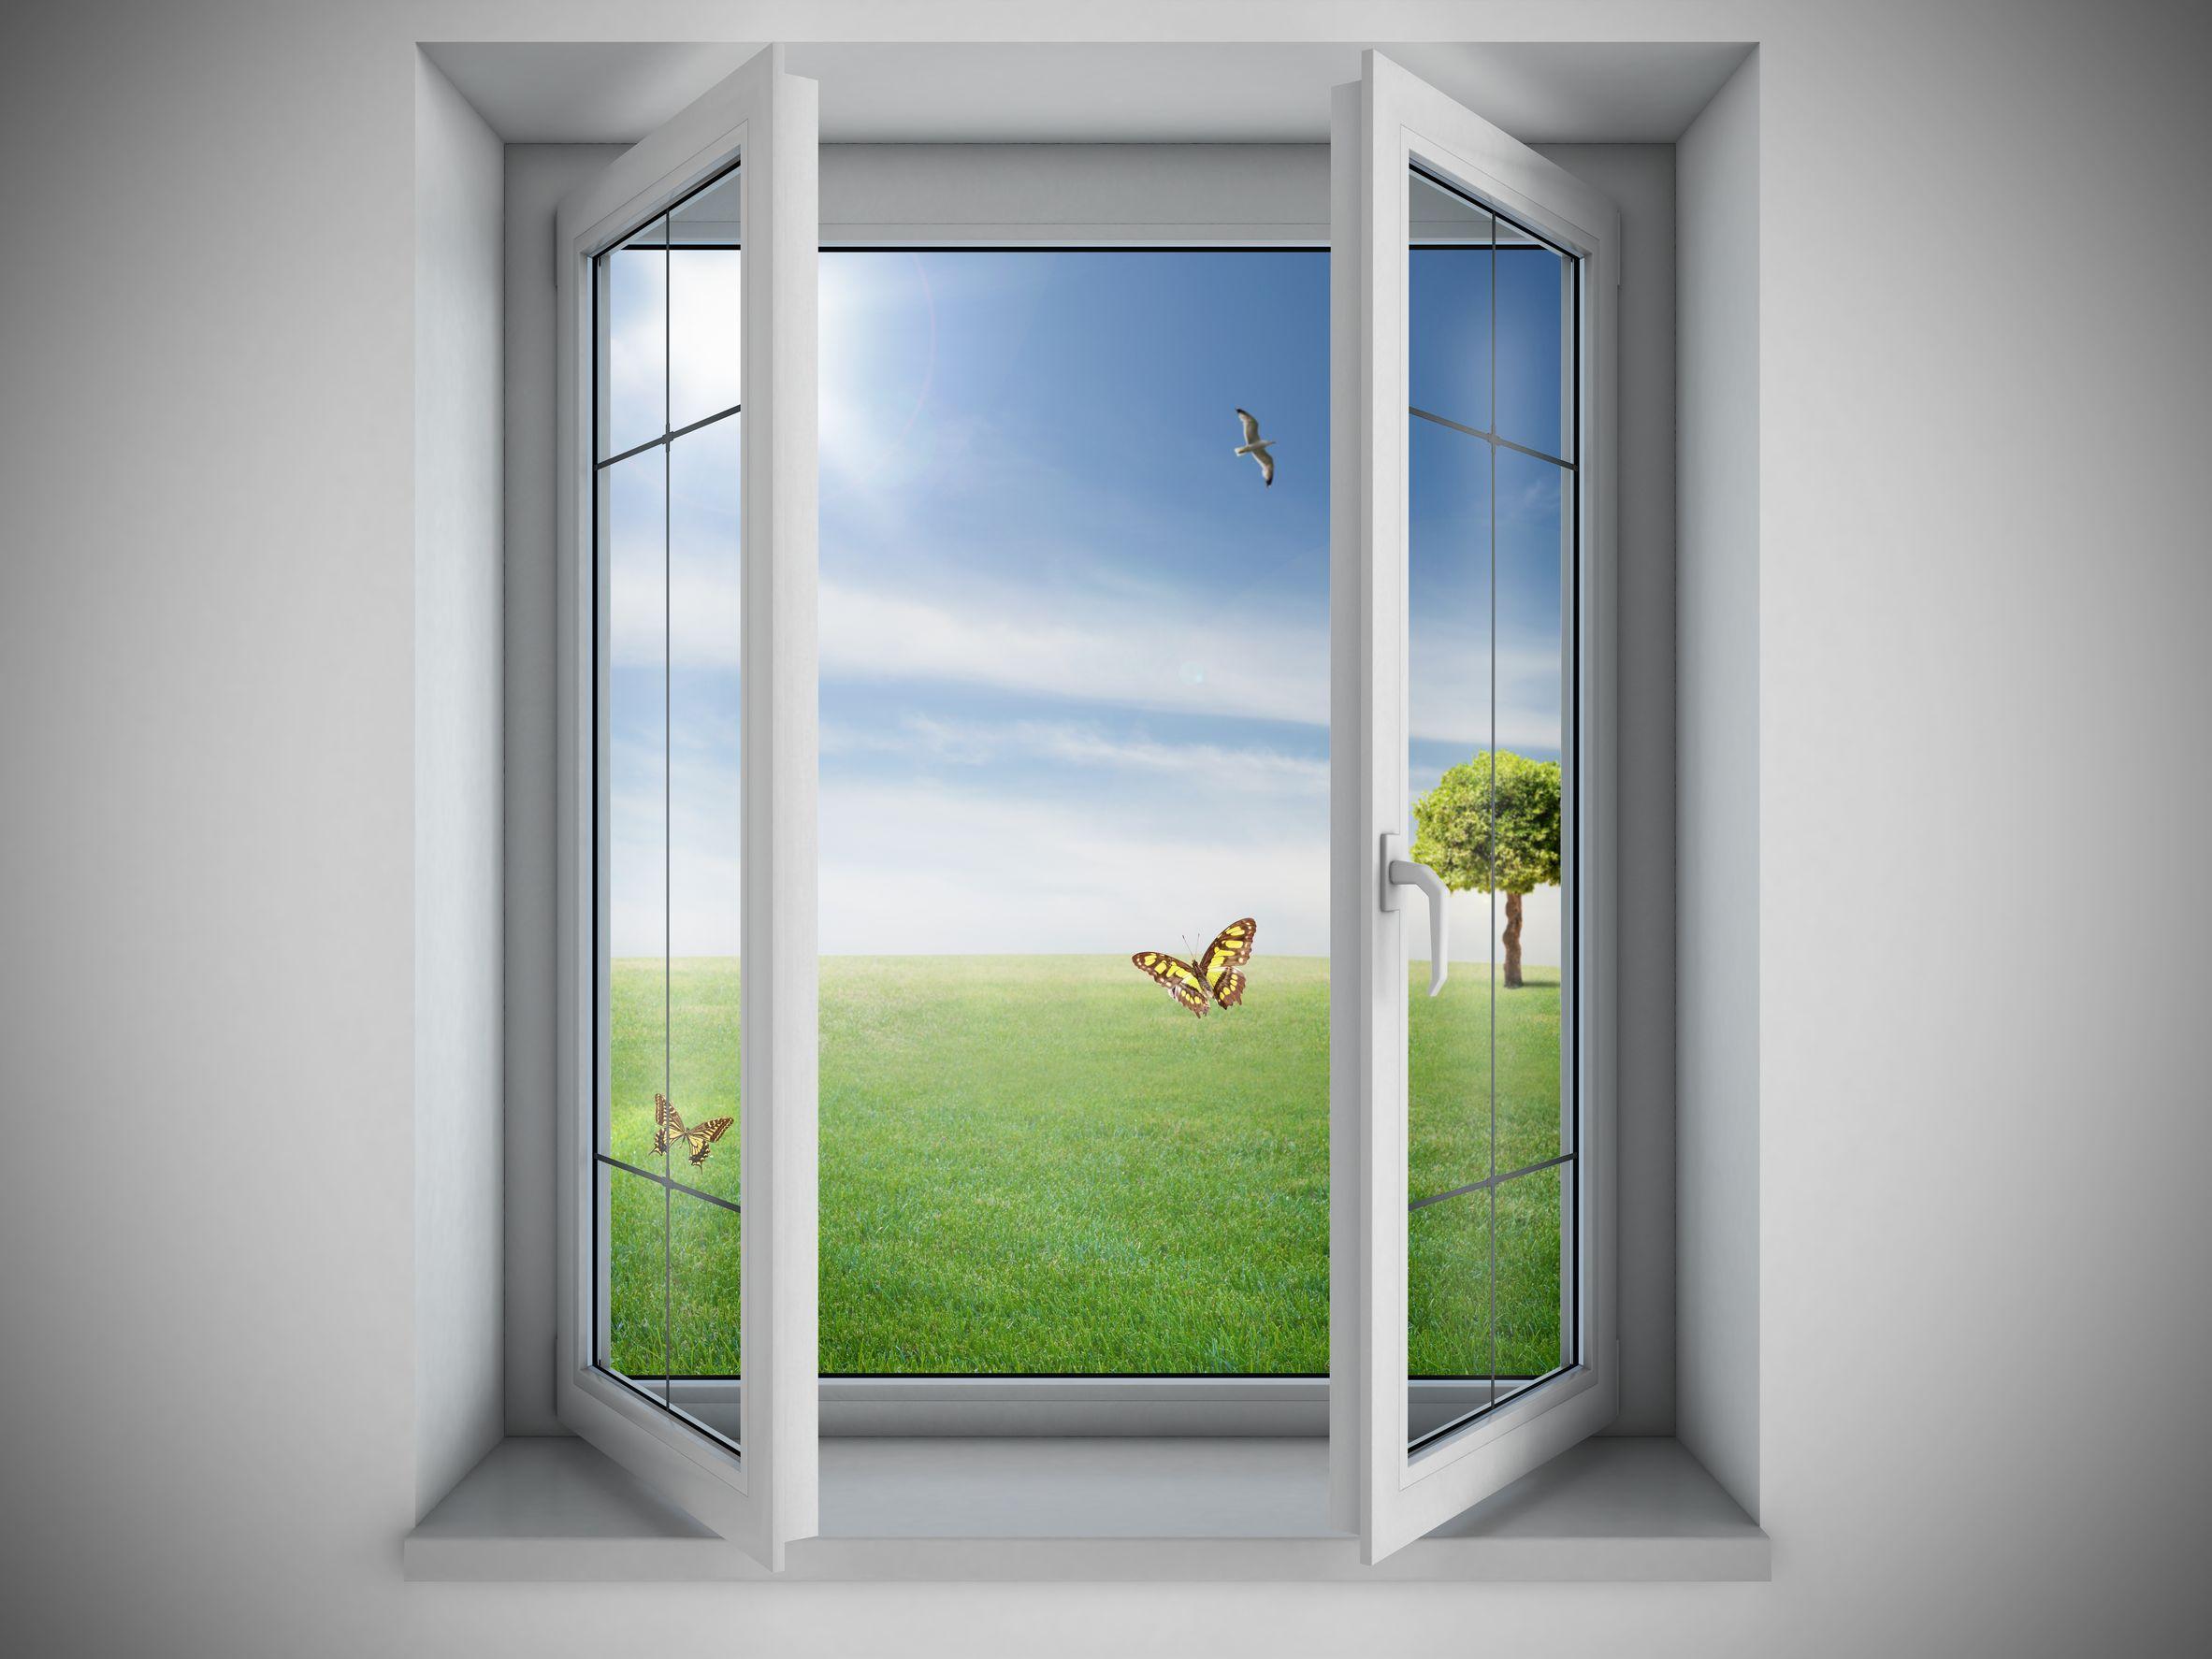 Fisco bonus mobili per chi cambia le finestre - Finestre mobili pensioni ...